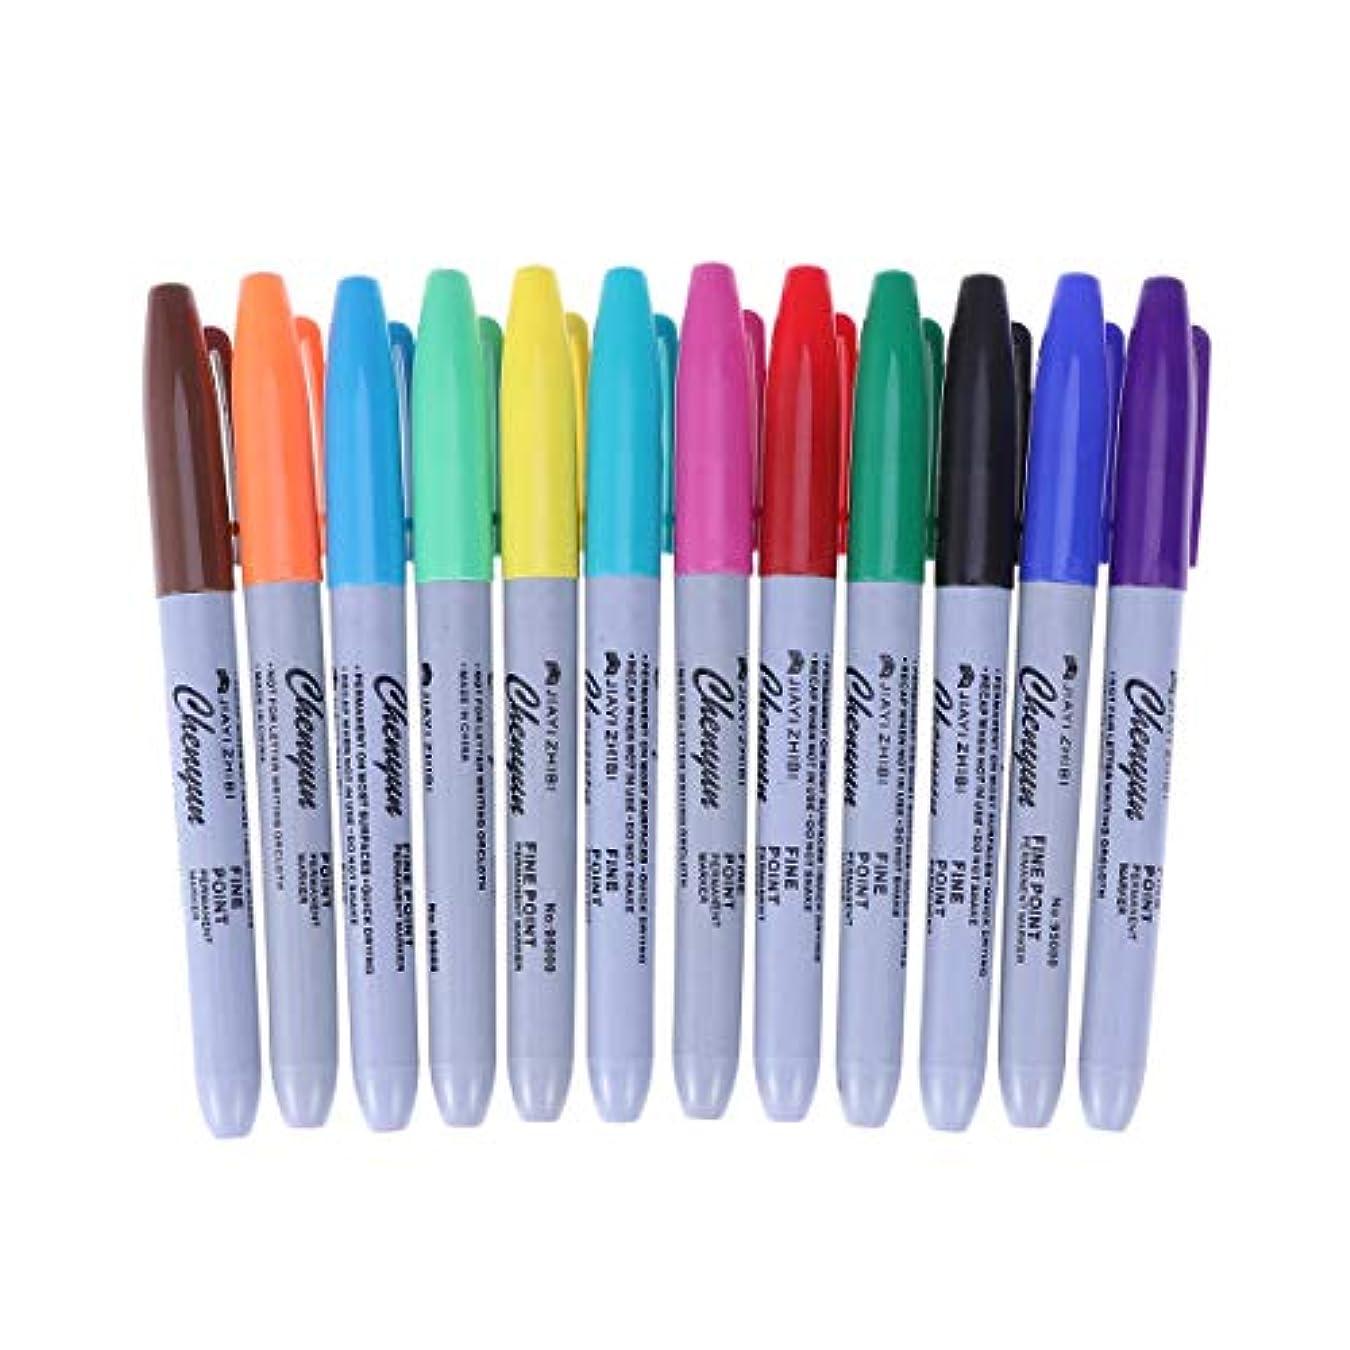 ワックス魅惑する無条件Healifty タトゥーペン防水高品質マーカーペン12色スキンマーカーペンスクライブツールタトゥー用品24ピース